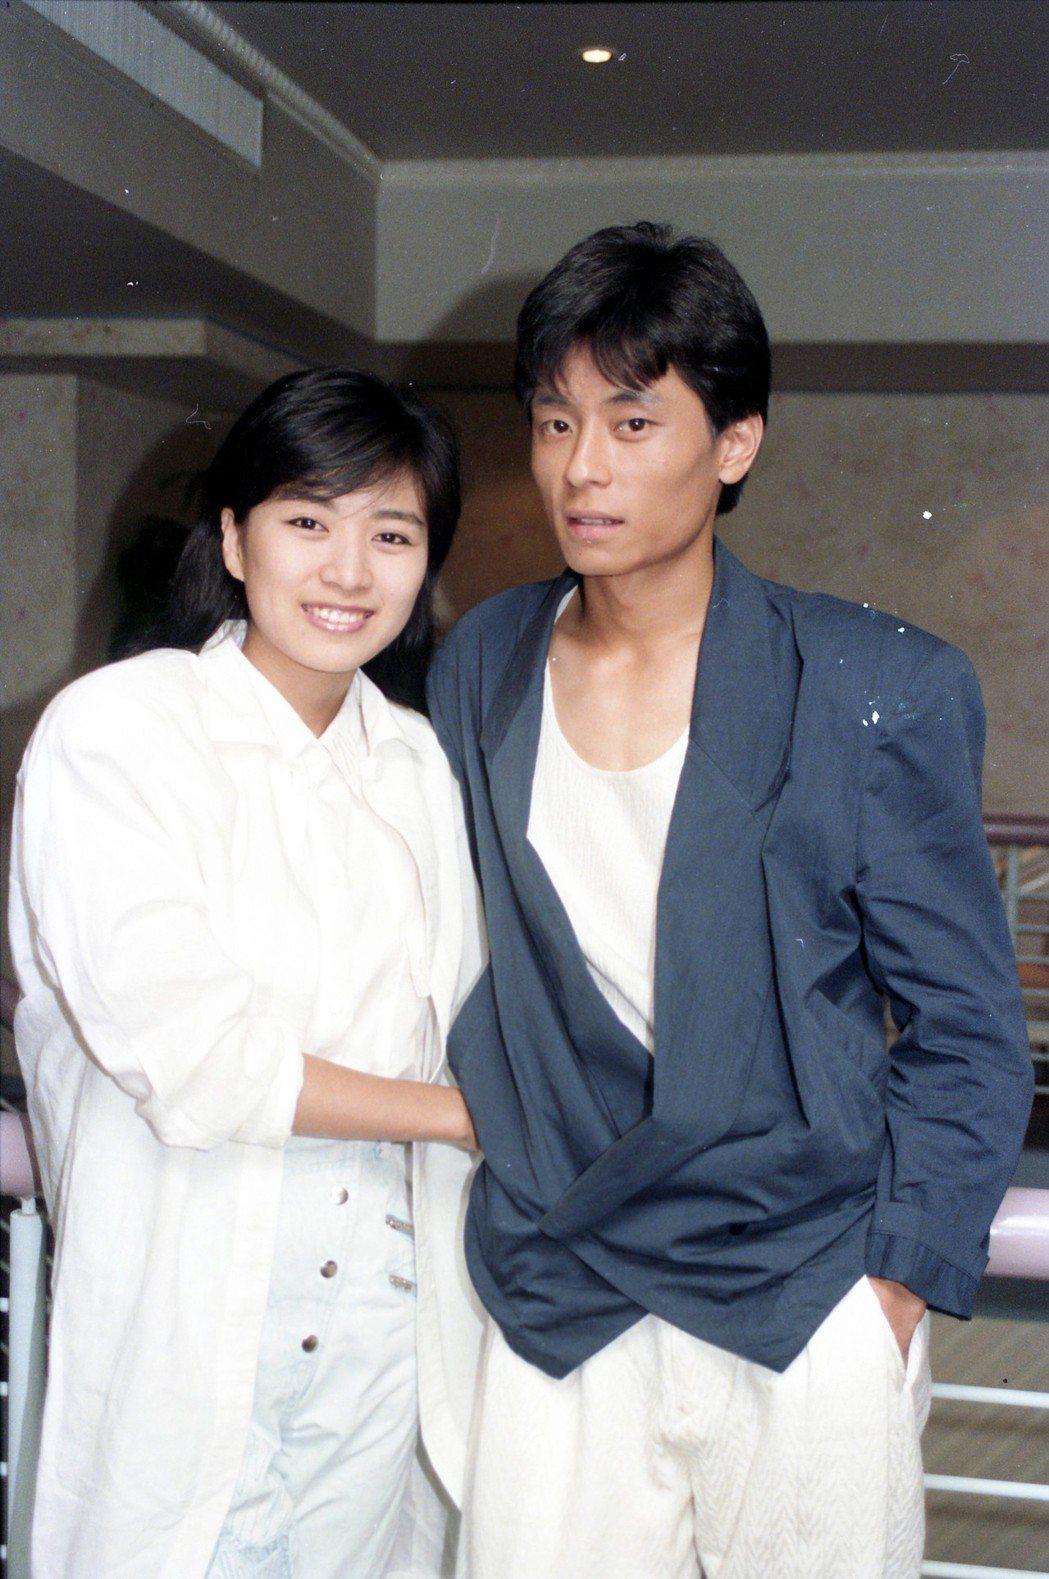 圖為1988年王傑(右)與方文琳(左)同時到南部接受電台訪問時合影。圖/報系資料...